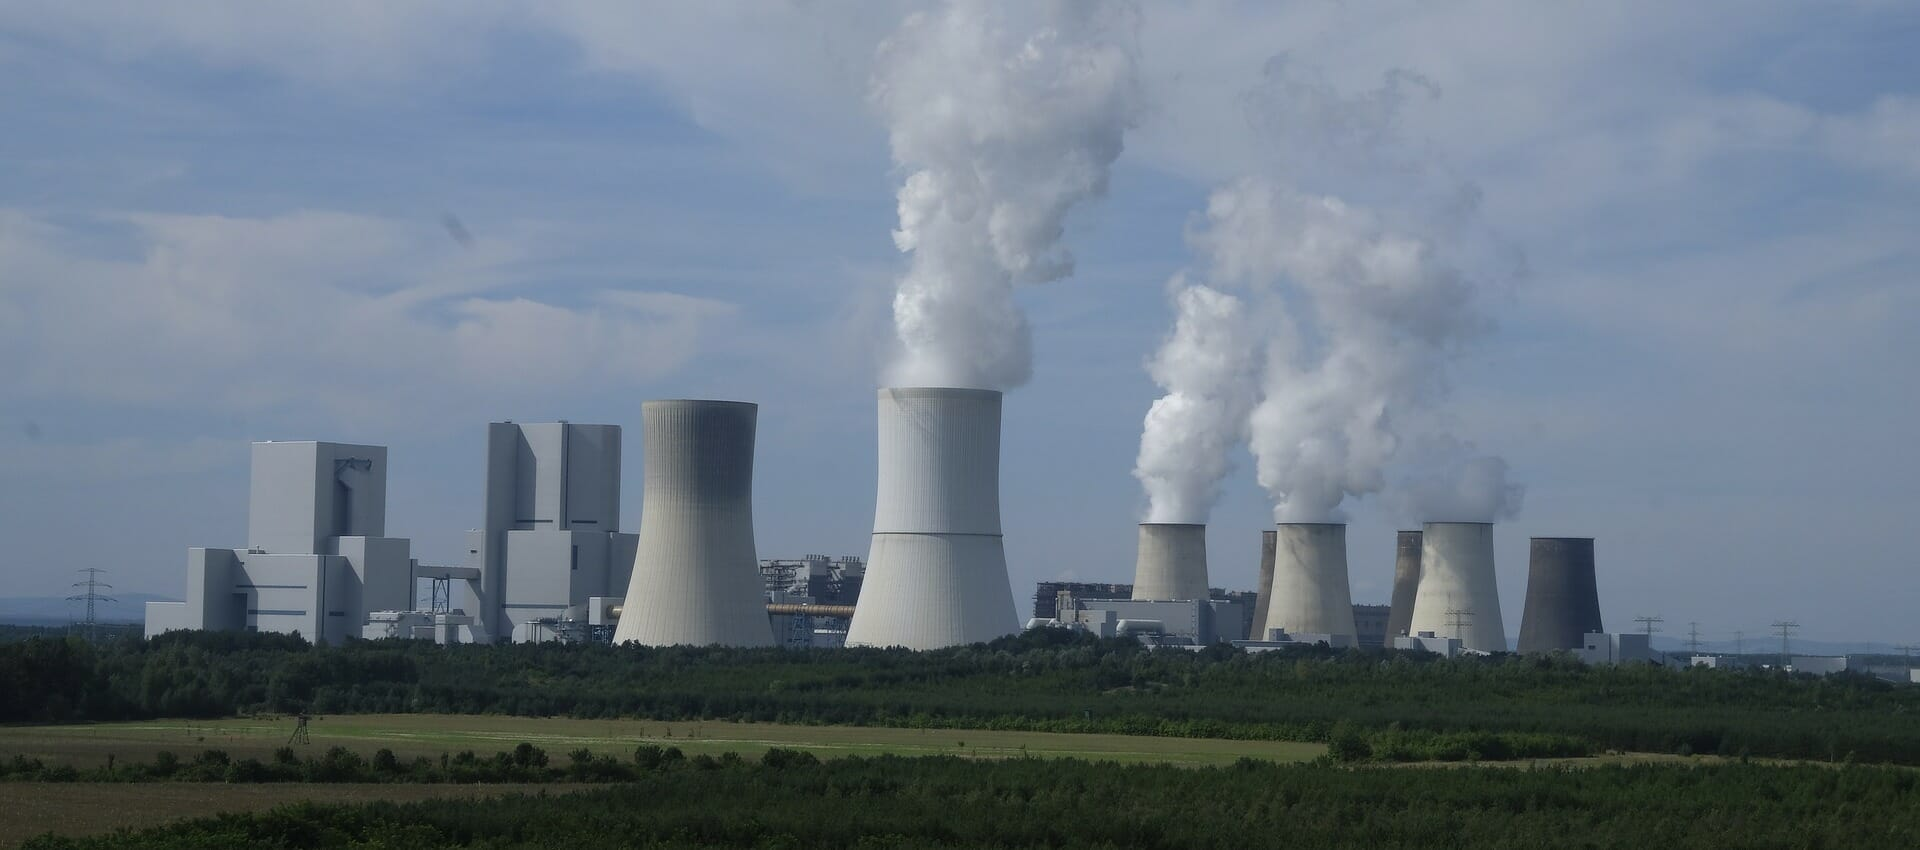 Dell не будет поставлять мощные ПК в ряд штатов США из-за правил регулирования энергопотребления